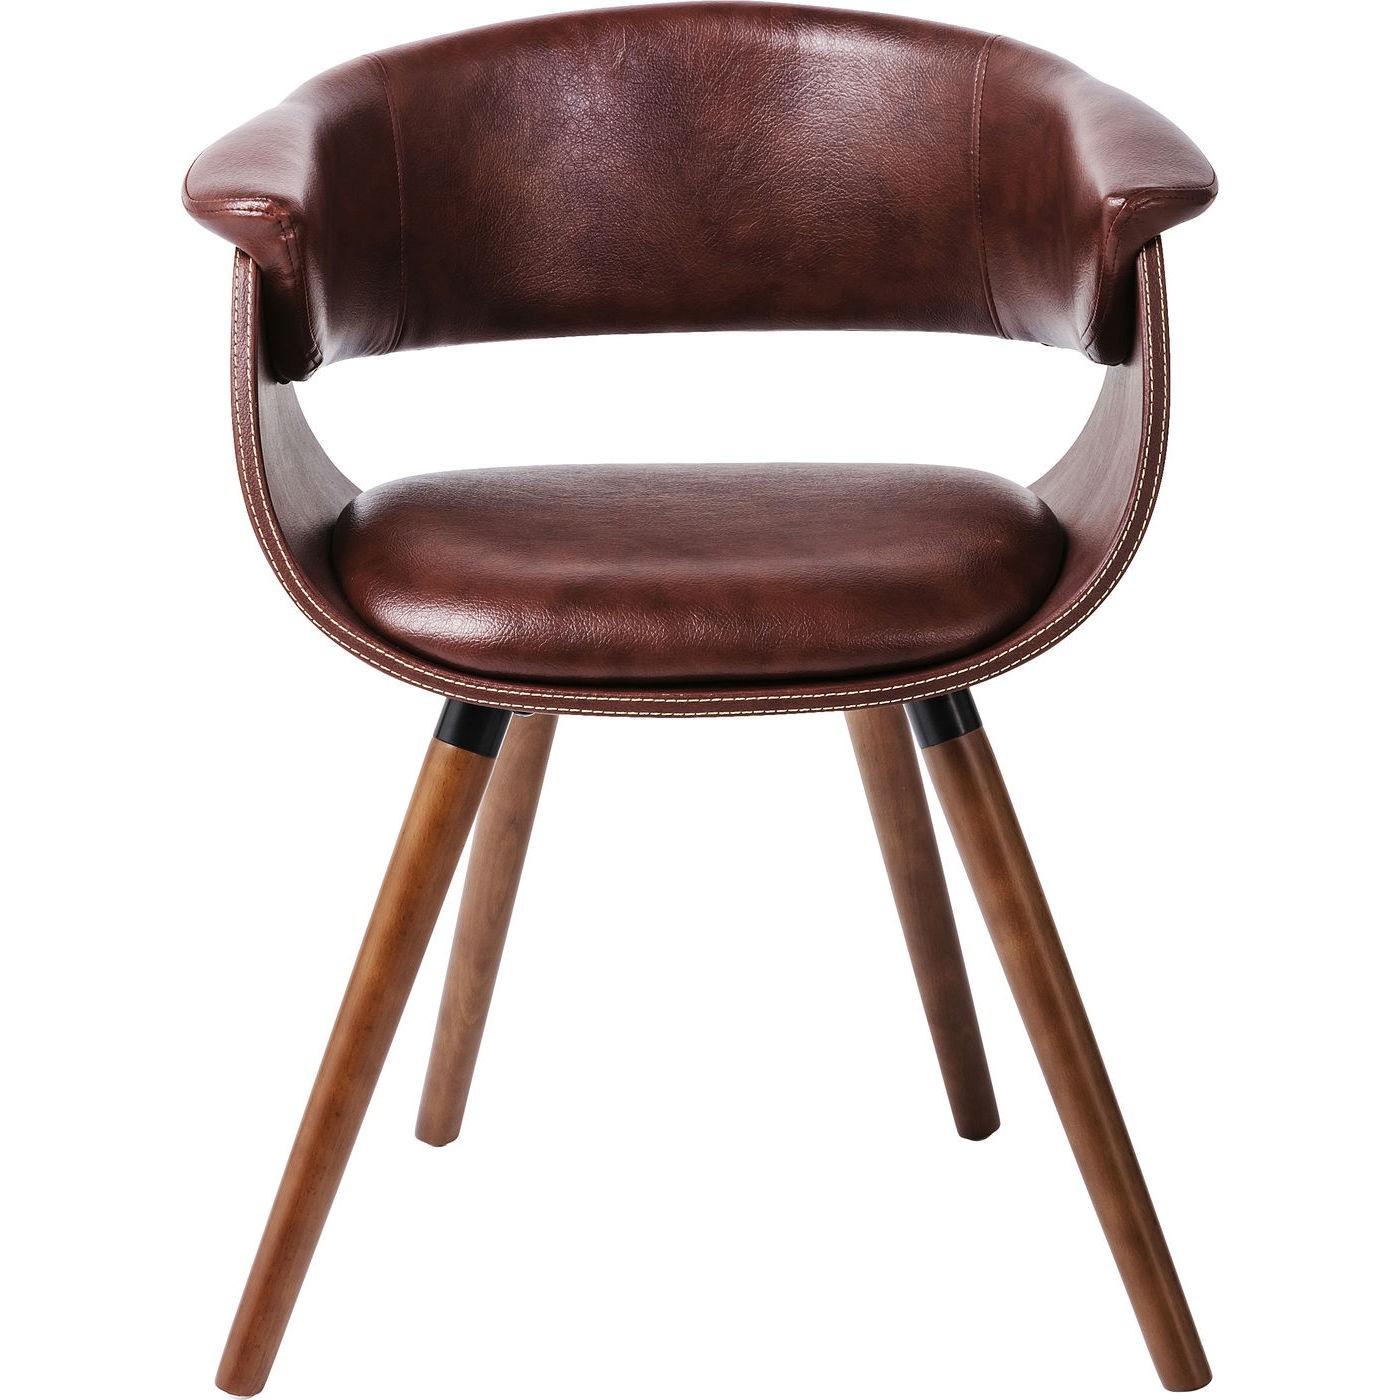 Chaise avec accoudoirs nougat et peuplier laqué